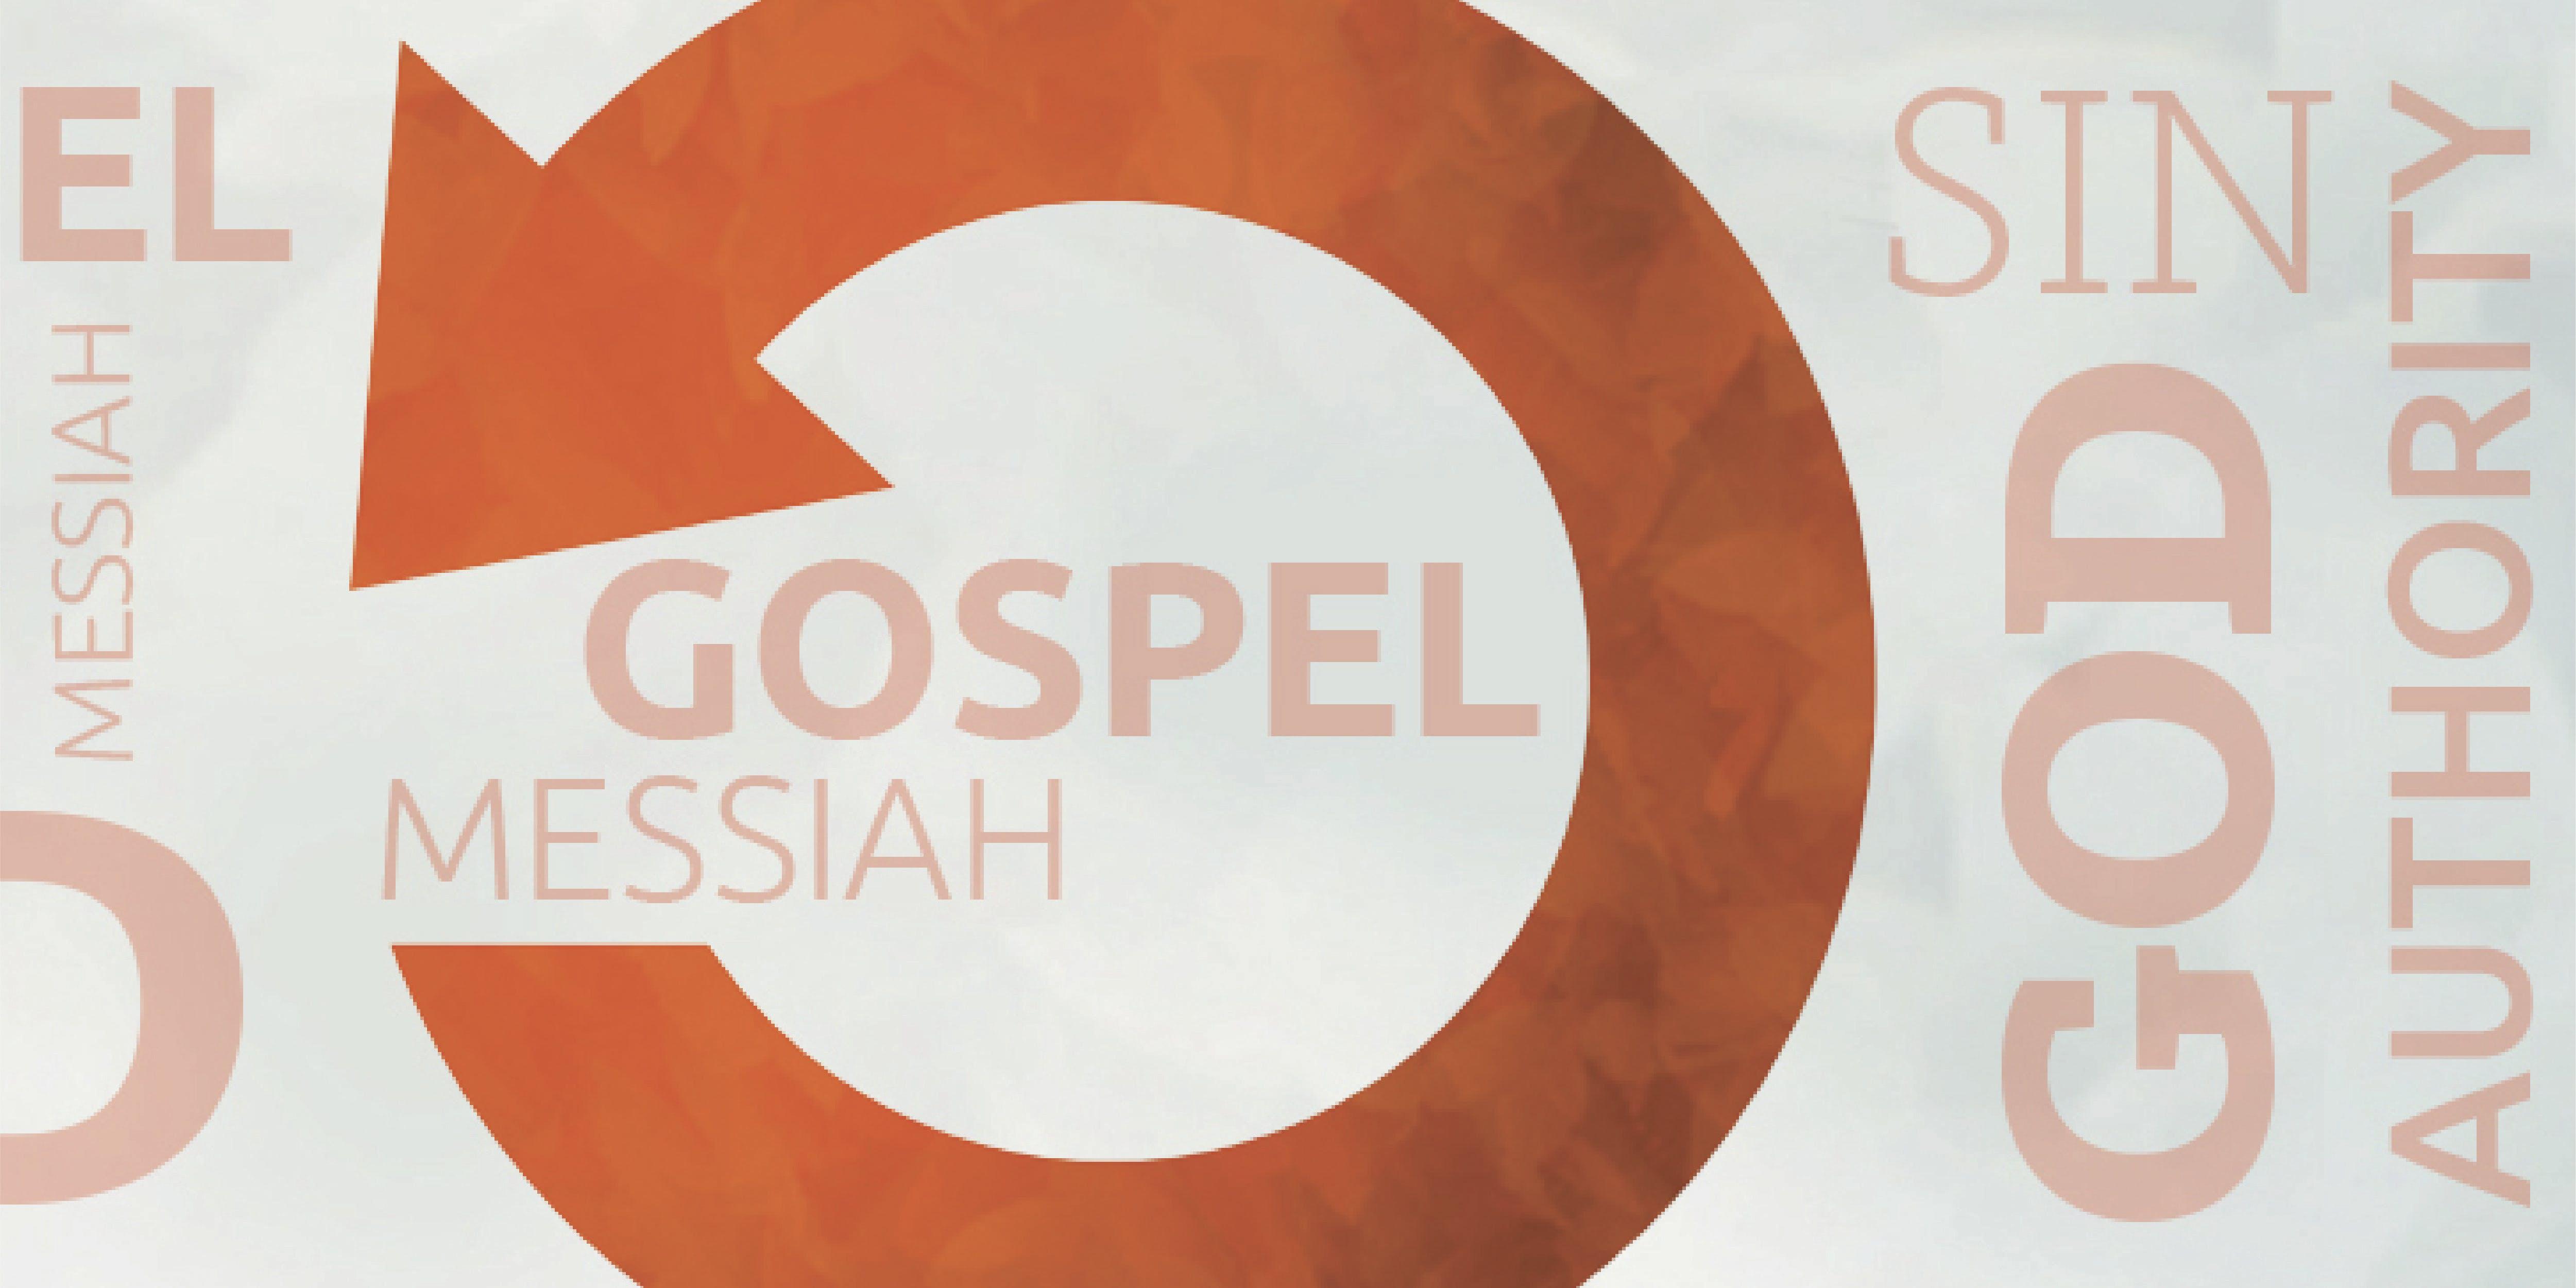 Gospel Reset Conference - Nova Scotia